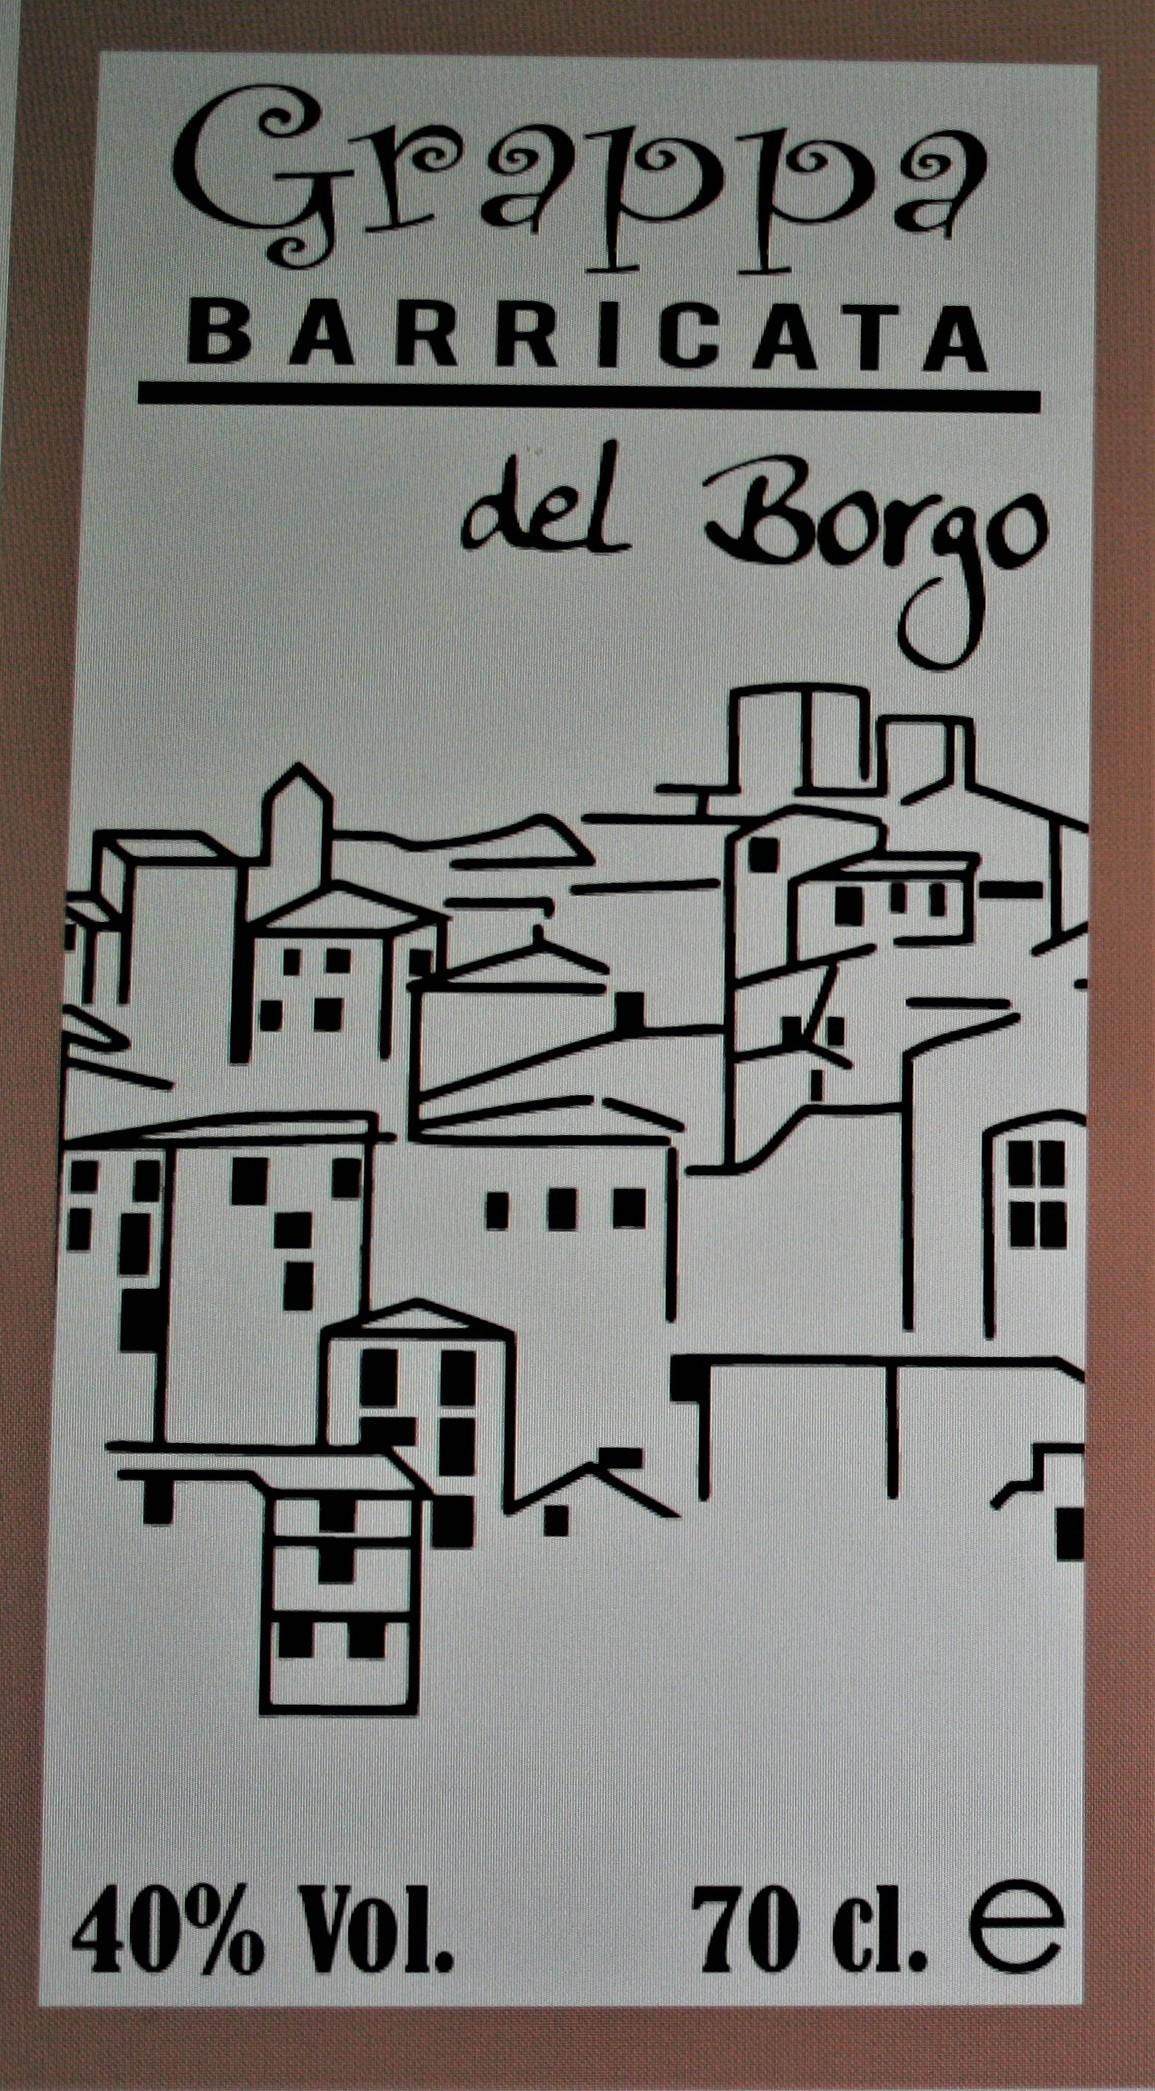 Grappa barricata del Borgo